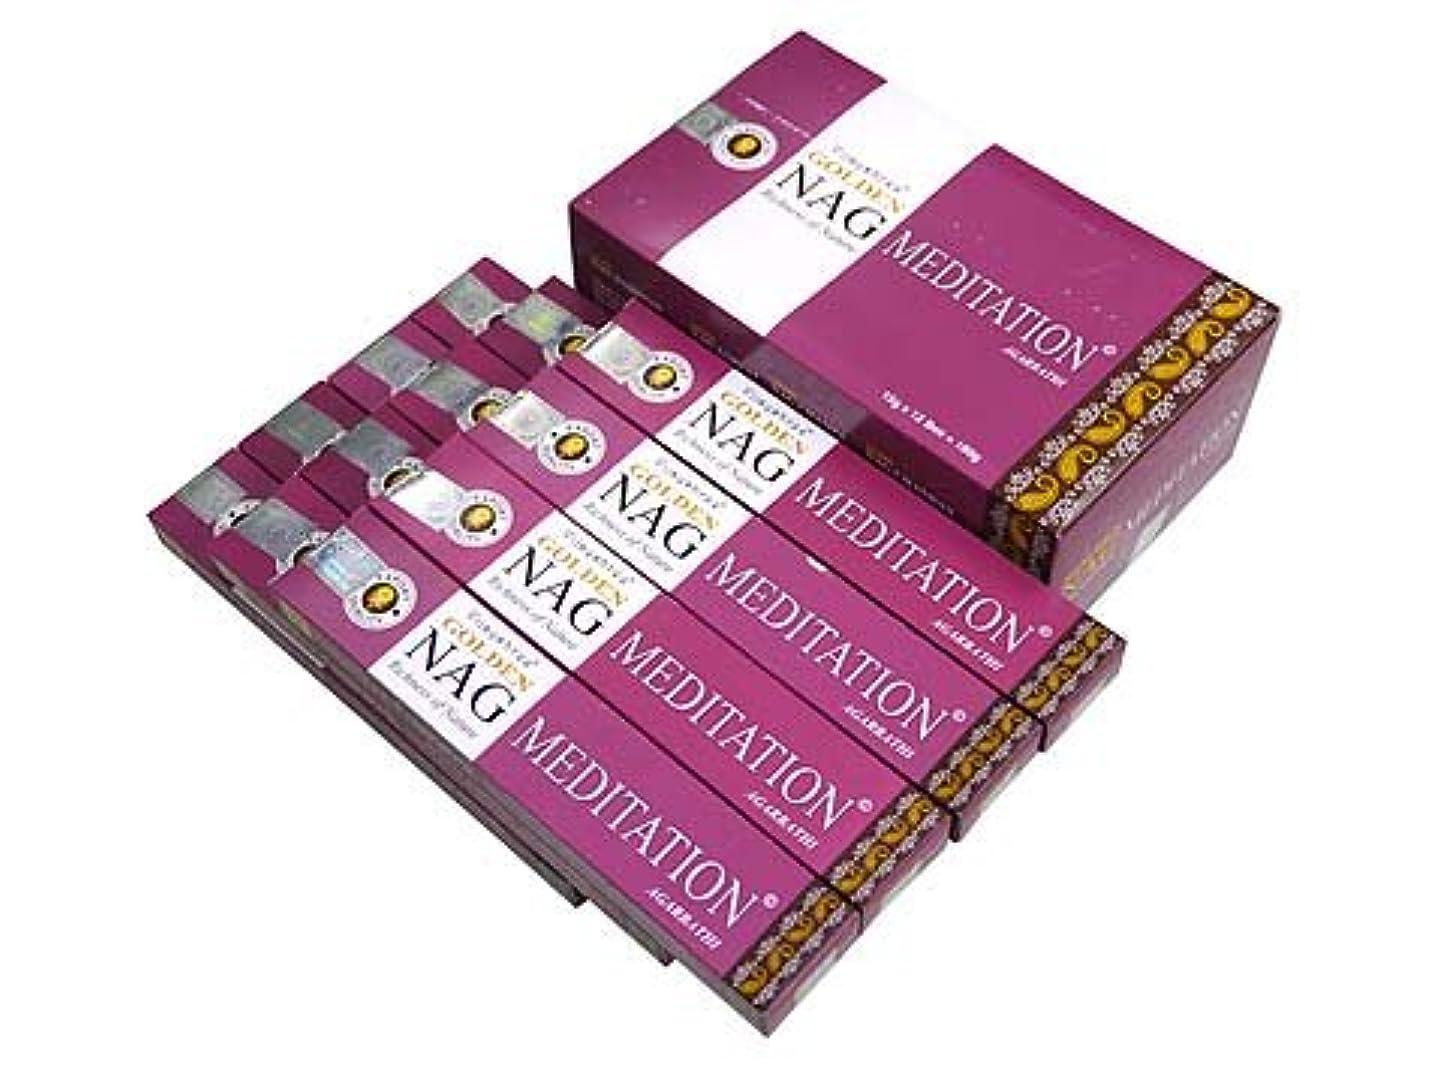 狐知らせる絶滅VIJAYSHRE(ヴィジェイシリー ゴールデン) NAG MEDITATION ゴールデン ナグメディテーション香 スティック 12箱セット